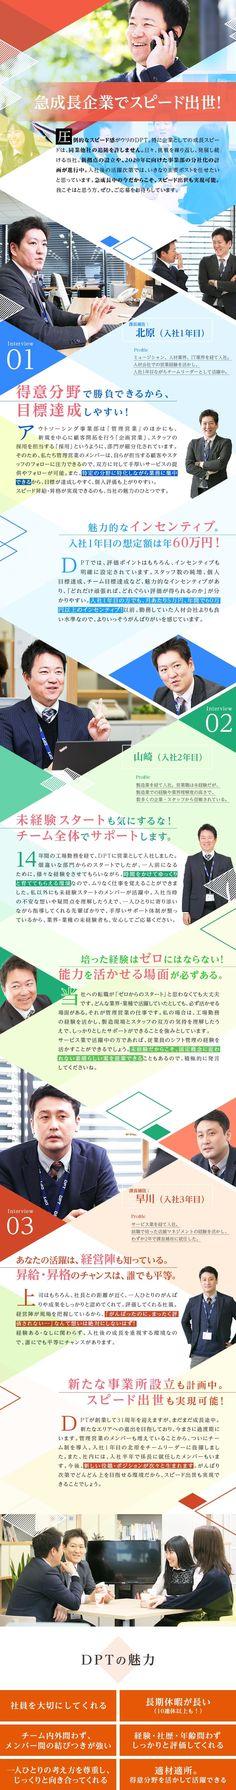 ディーピーティー株式会社/管理営業/人材を通じて日本のモノづくりに貢献/完全週休2日制(土・日休み)/年間休日121日の求人PR - 転職ならDODA(デューダ)